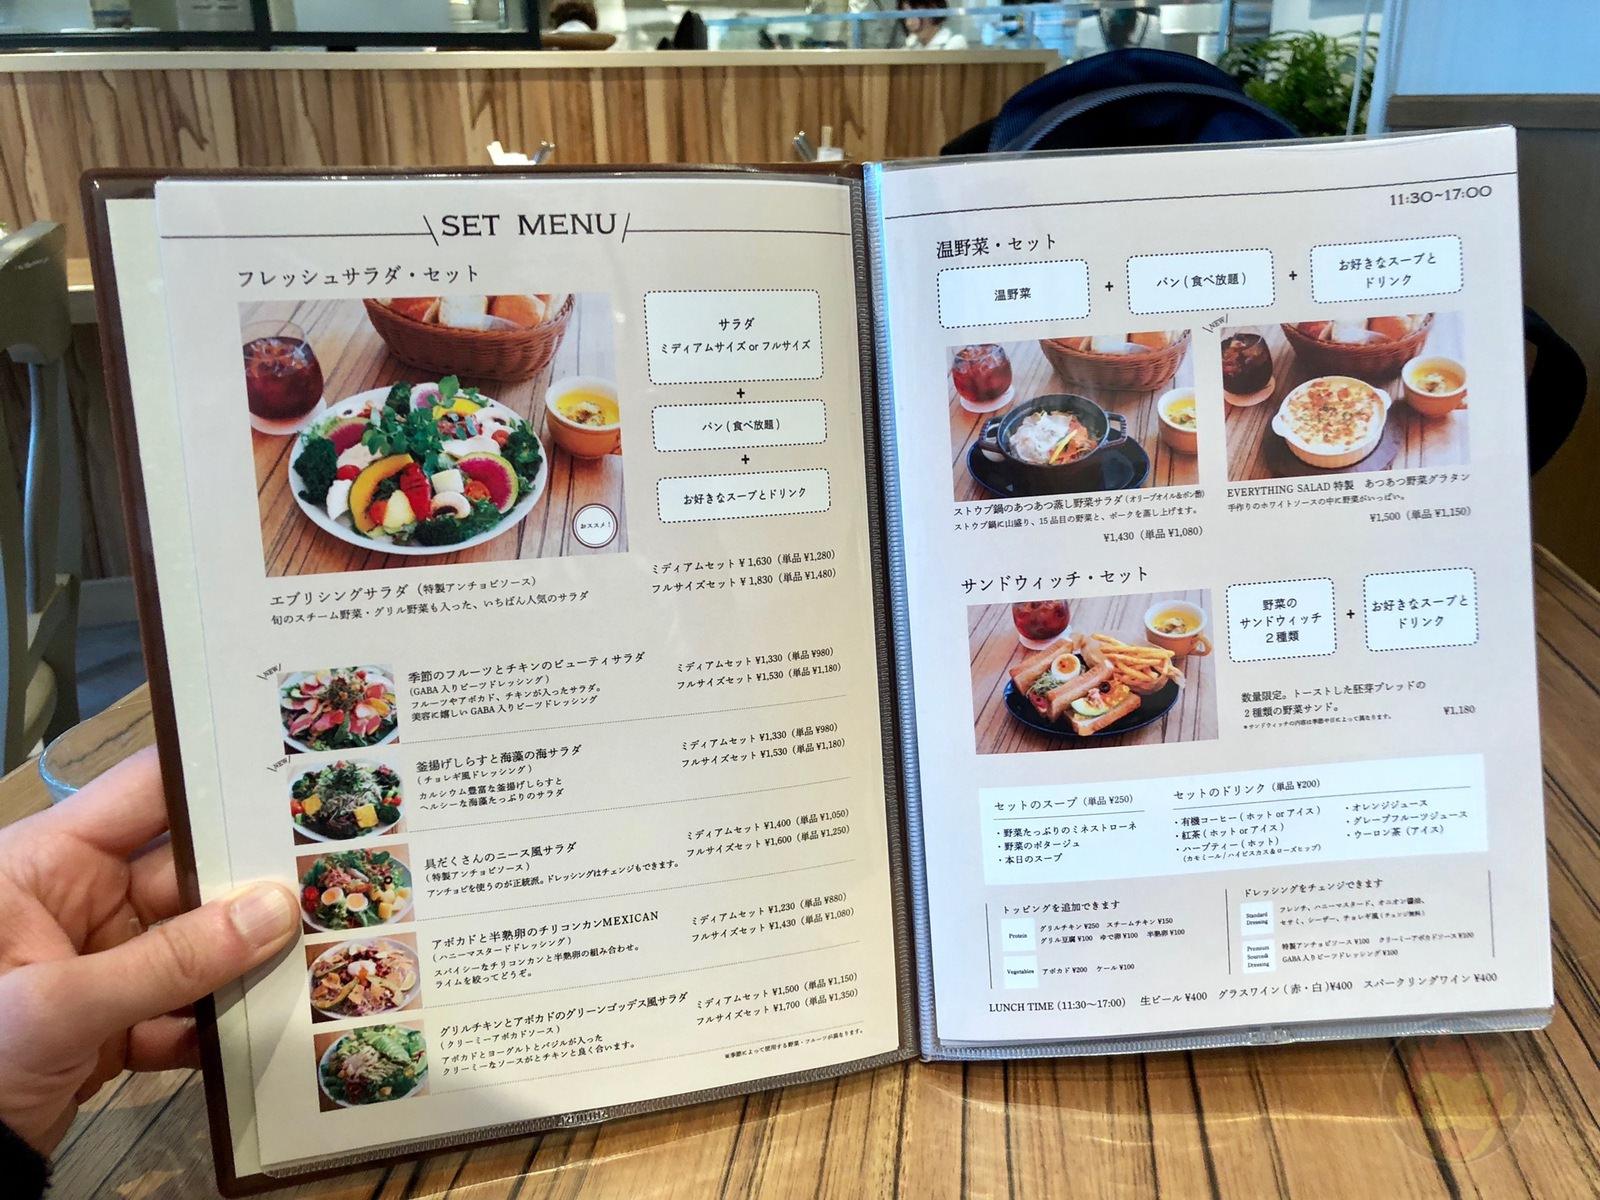 Everything Salad Omotesando Aoyama 04